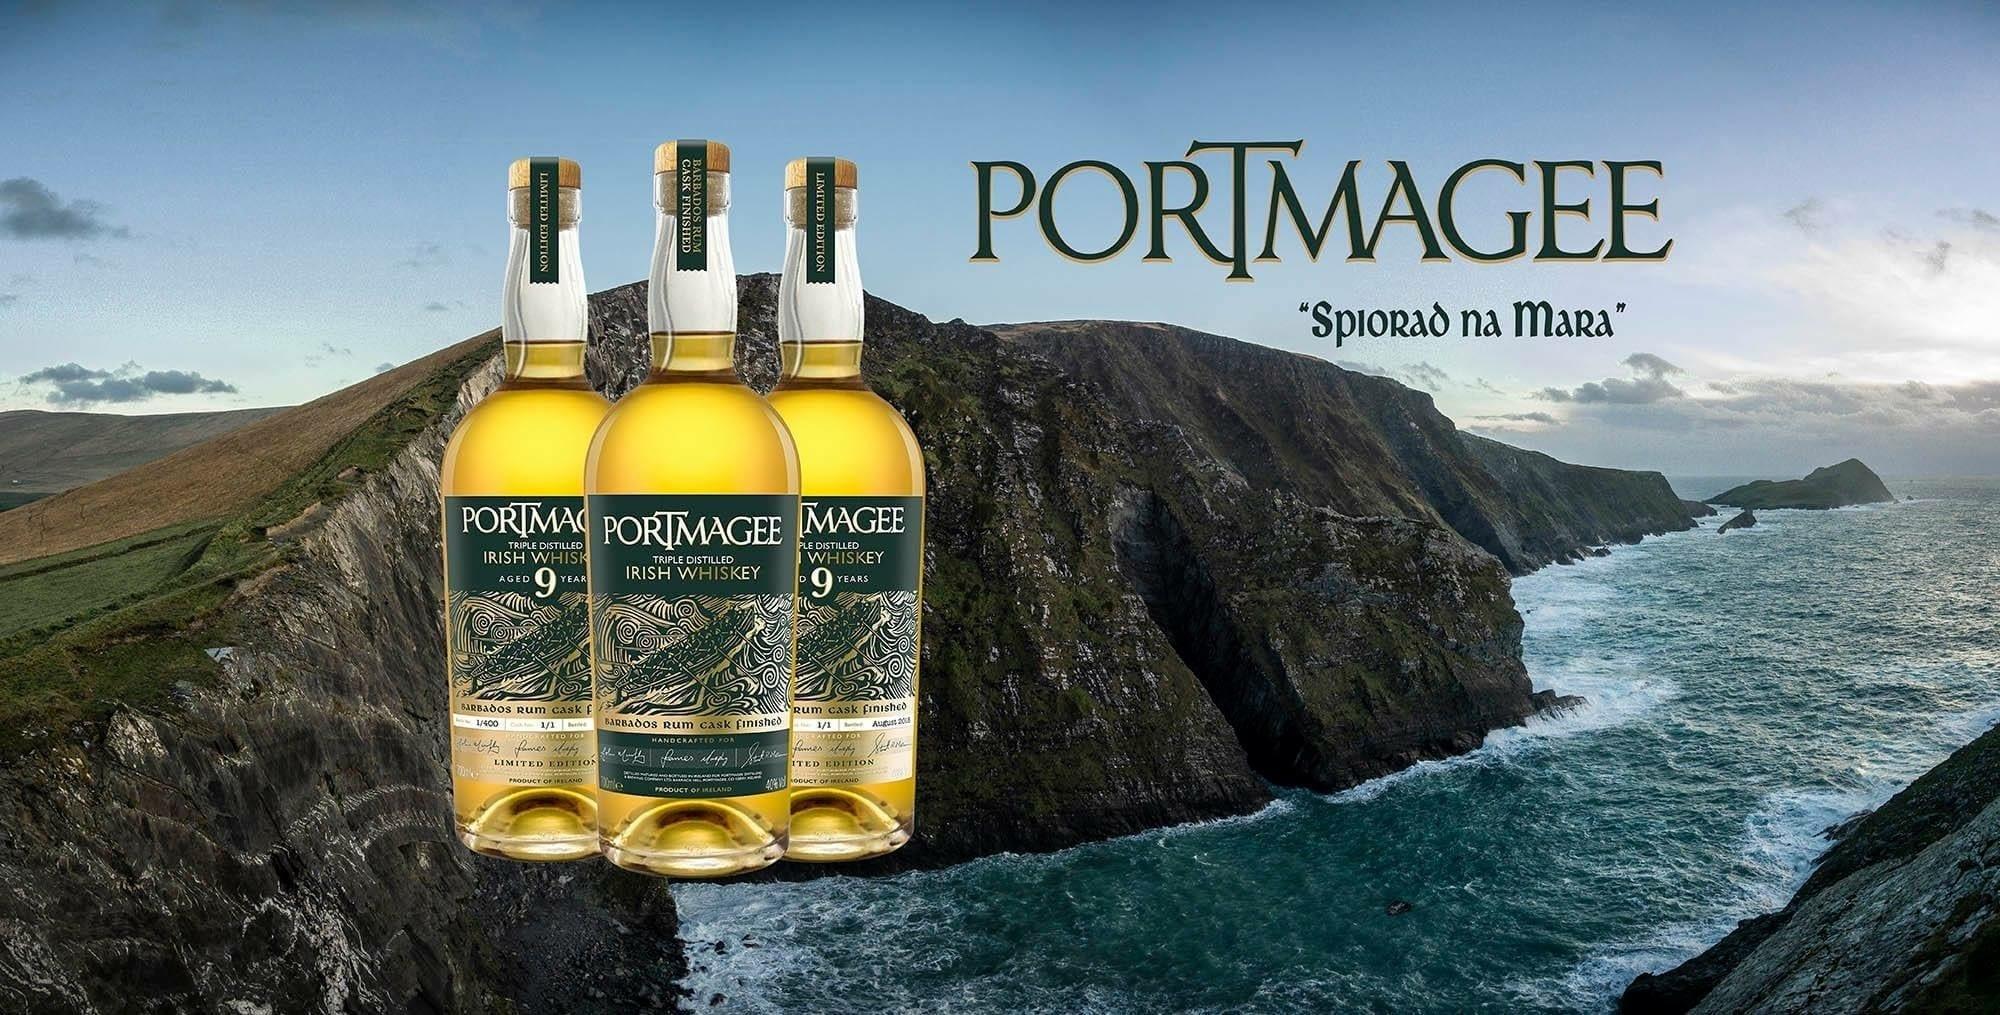 Portmagee 9 Year Old Irish Whiskey Review by Stuart McNamara Irish Whiskey Blogger